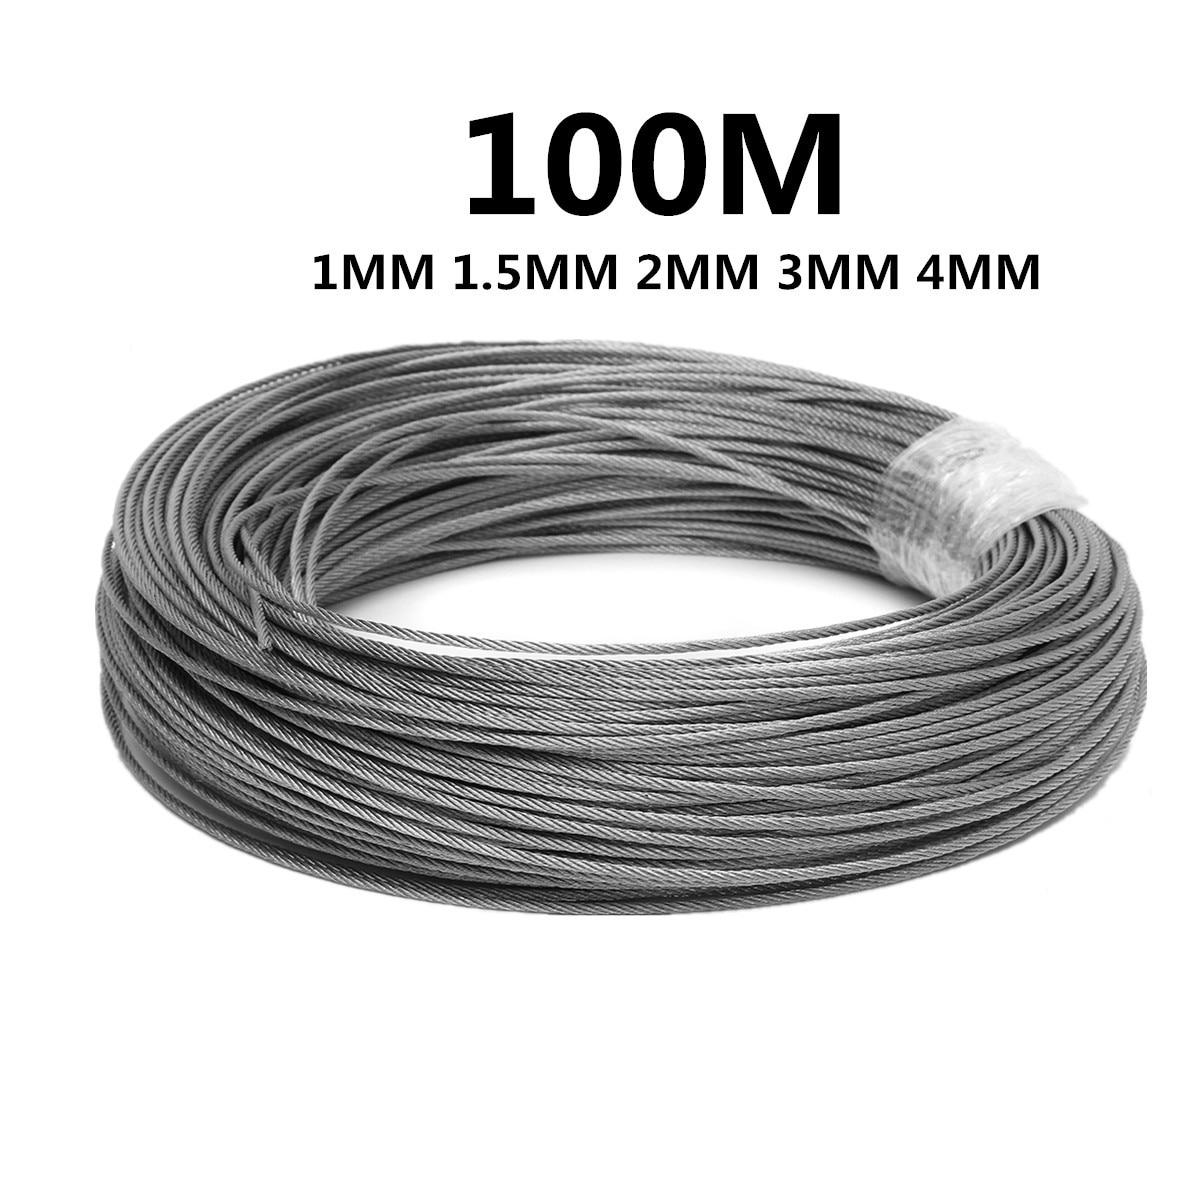 100M 50M304 Rvs 1 Mm 1.5 Mm 2 Mm Diameter Staaldraad Blote Touw Lifting Kabel Lijn Waslijn roestvrij 7X7